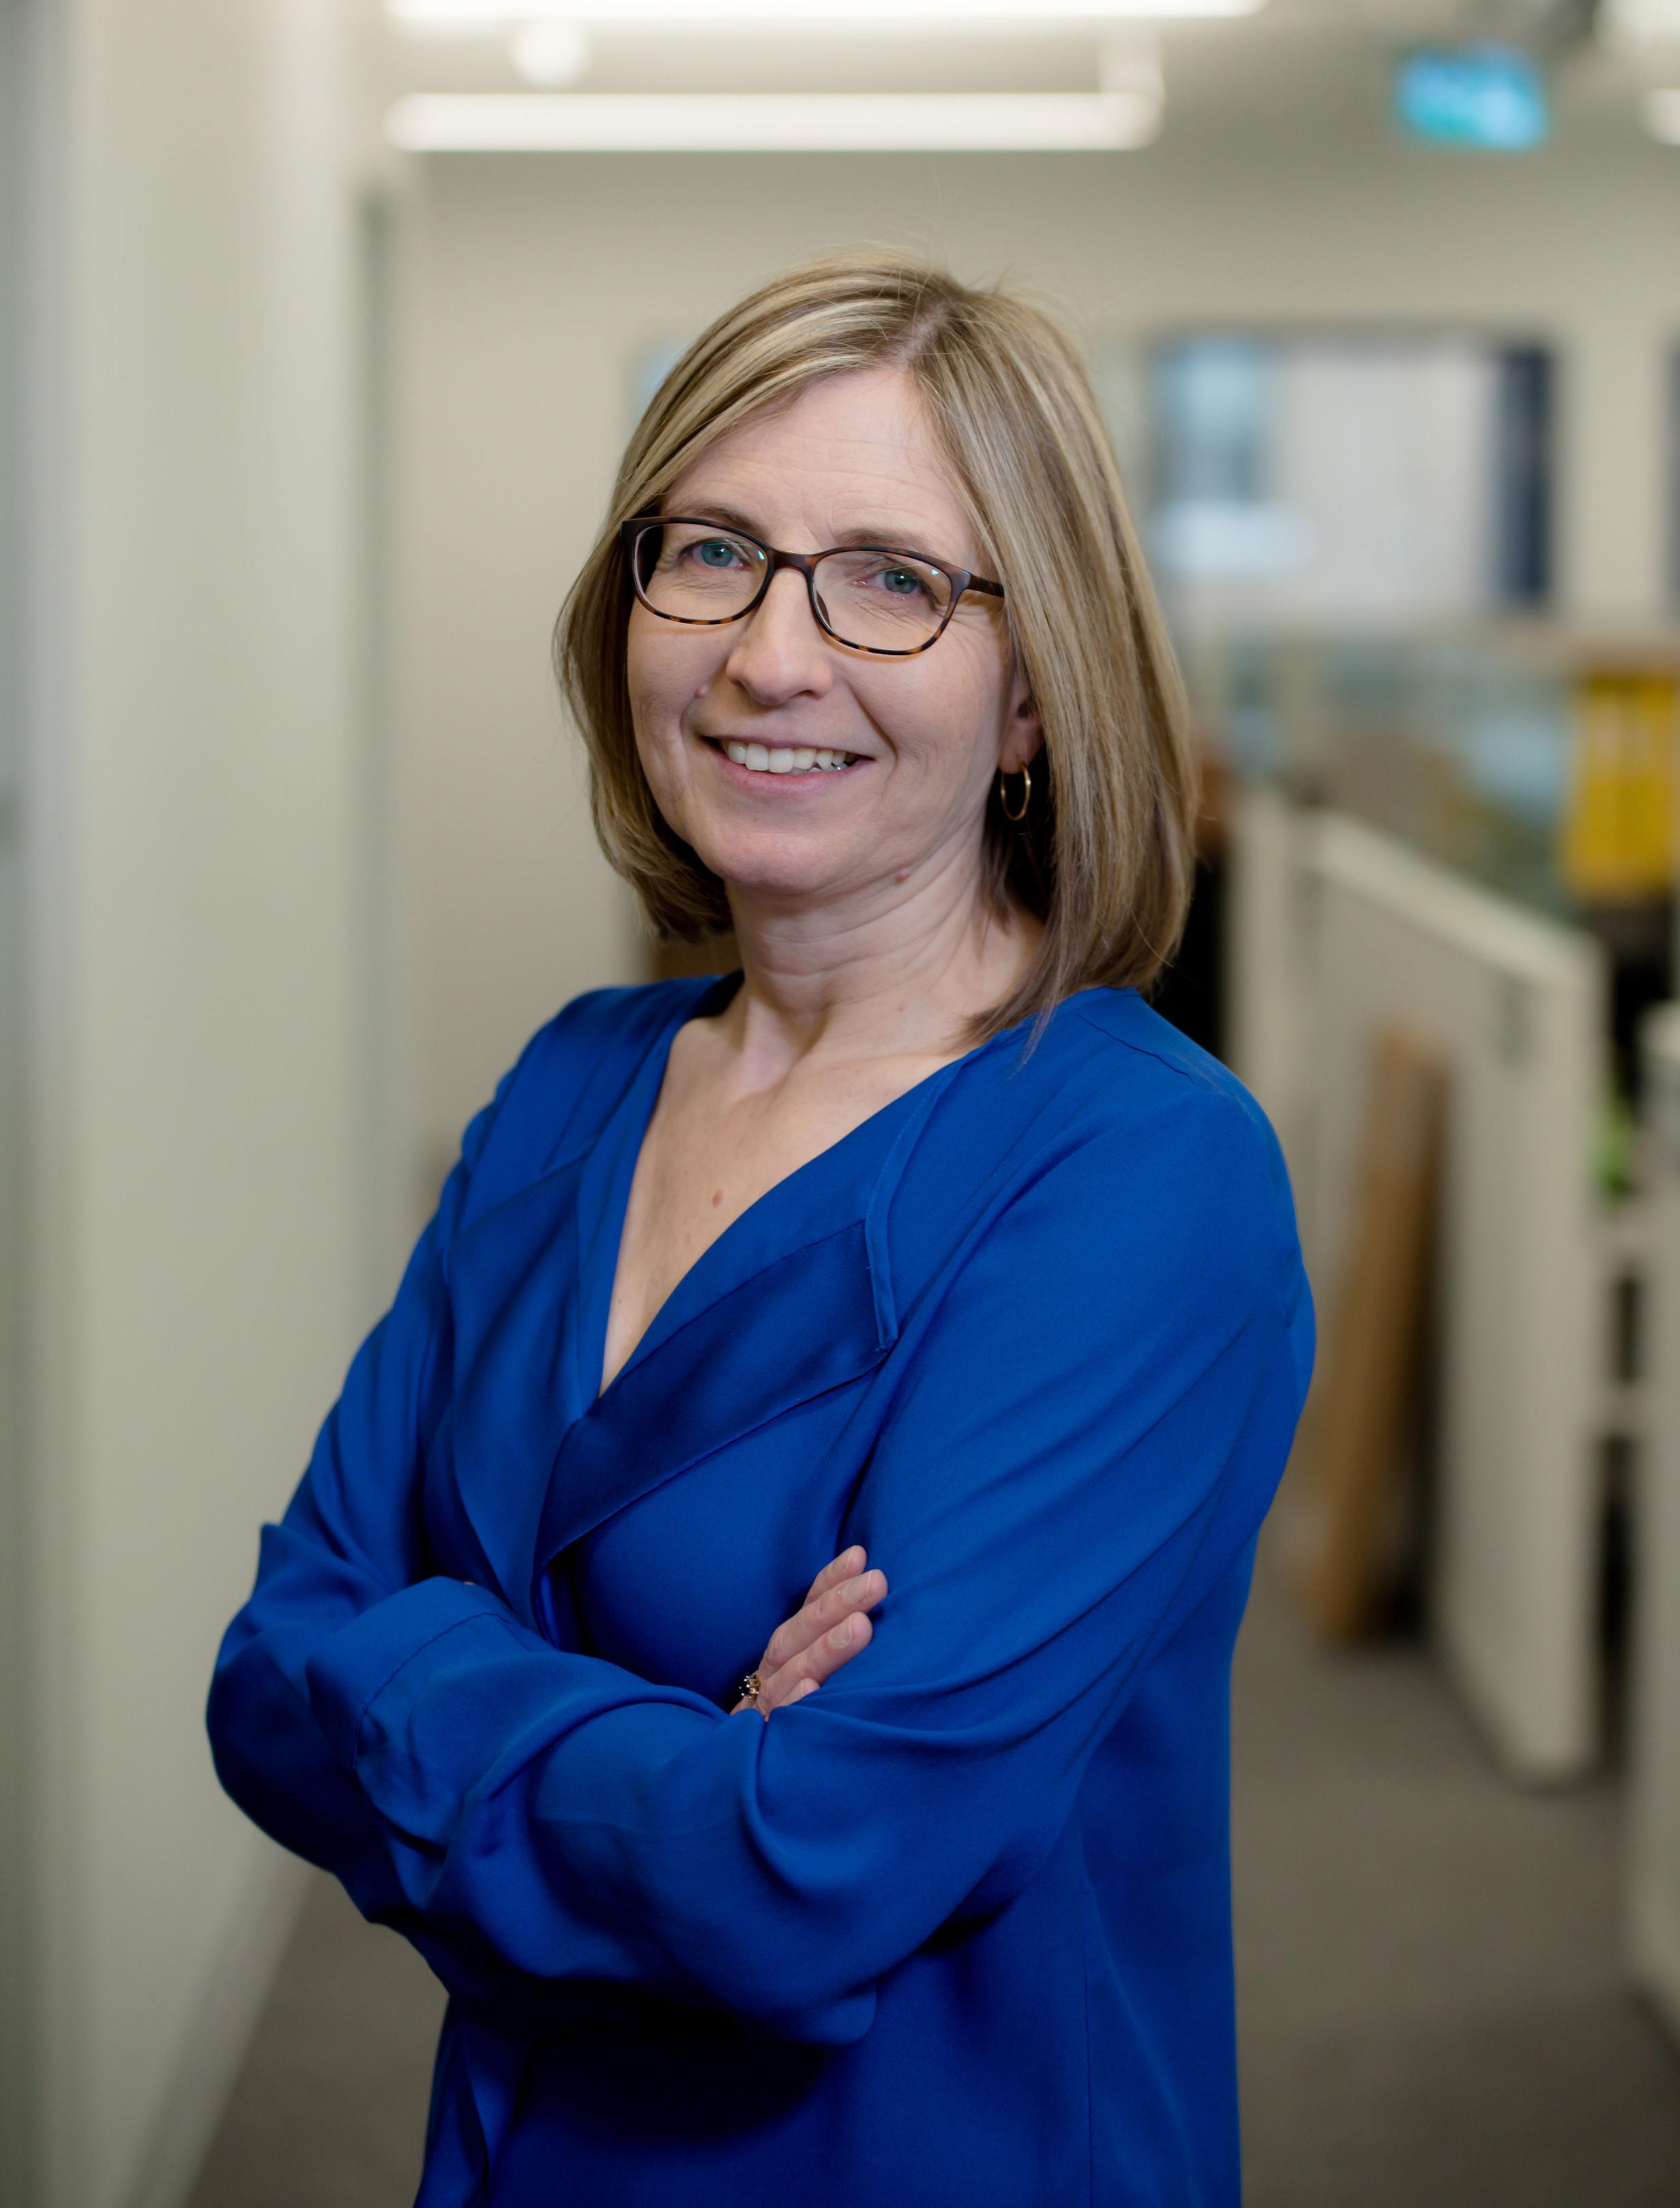 Susan Mattice